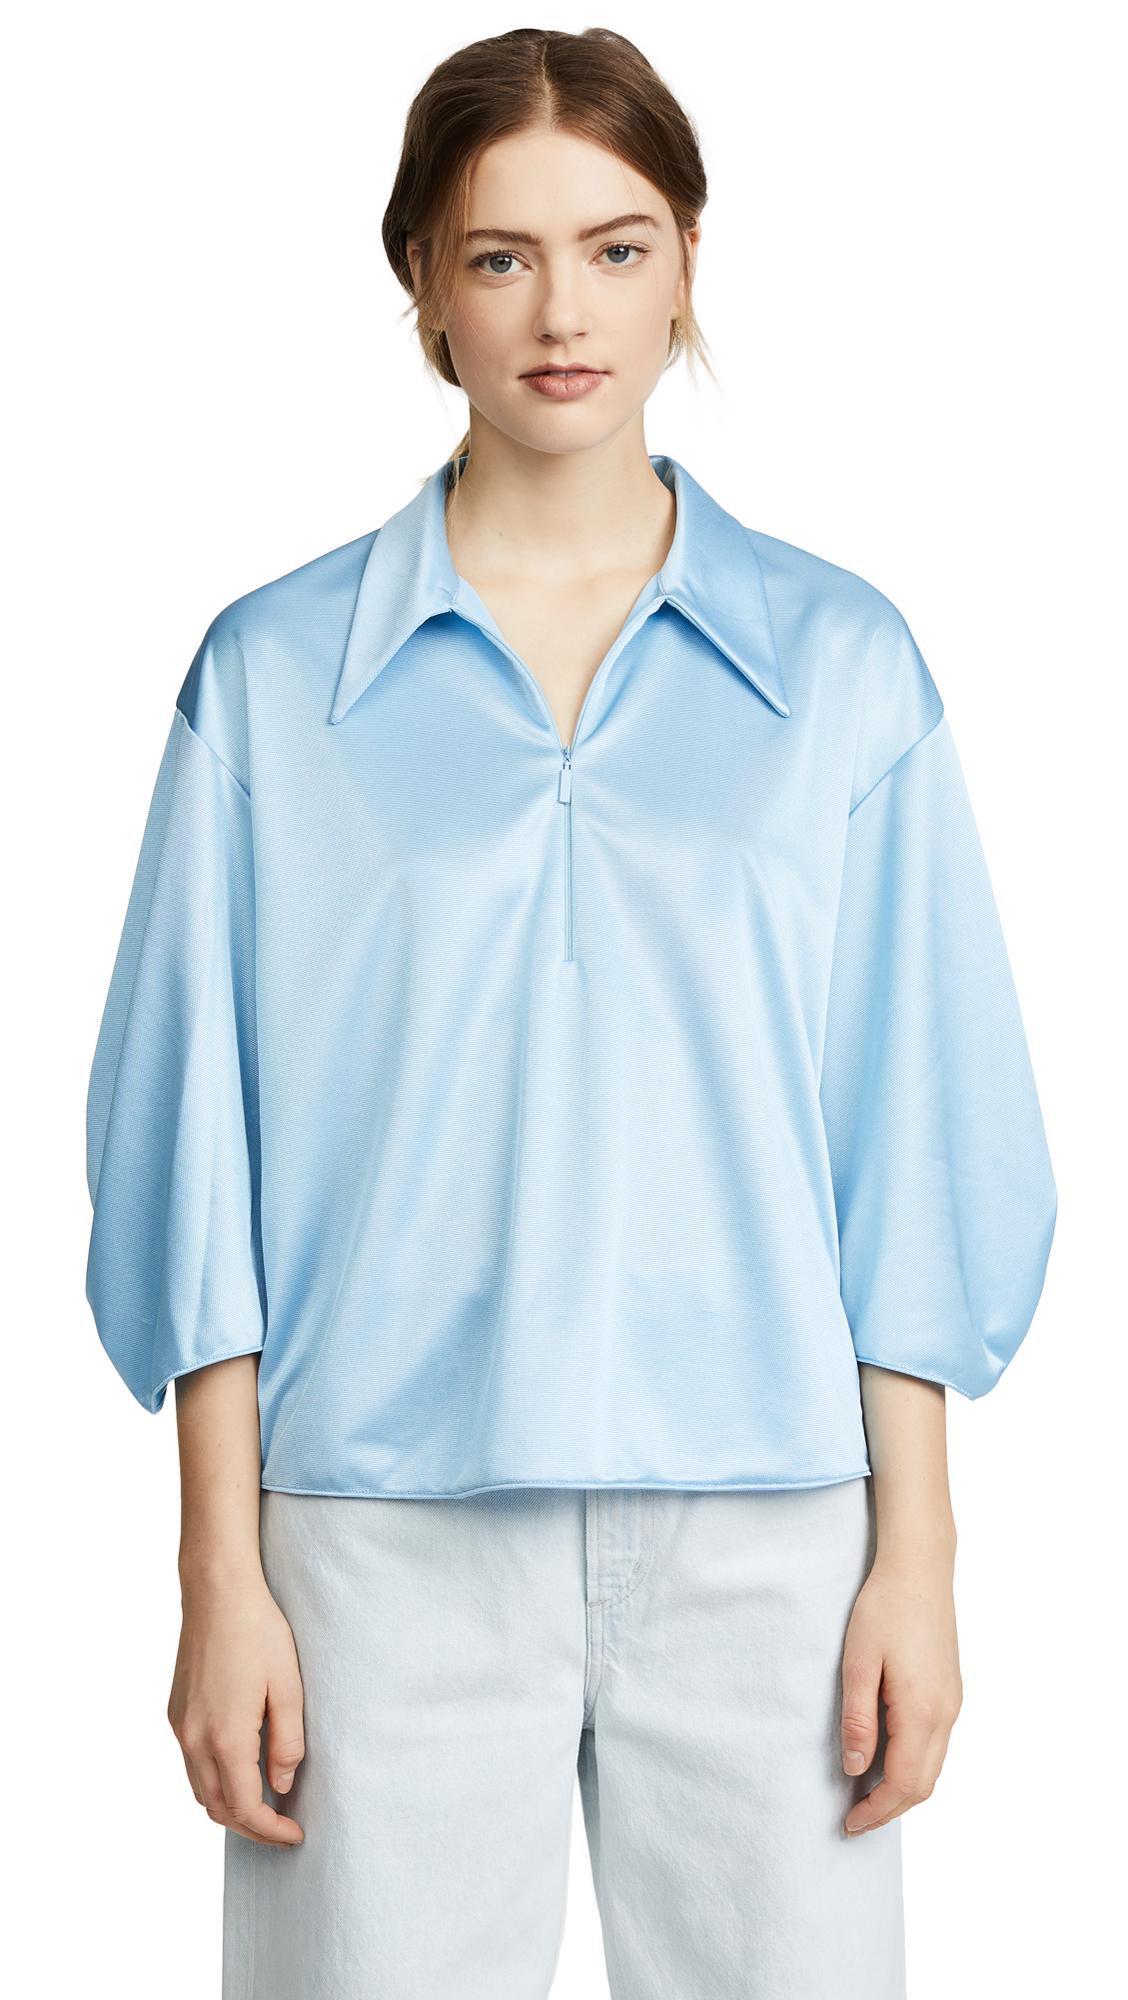 Tibi Tech Pique Zip Collar Top - Oxford Blue